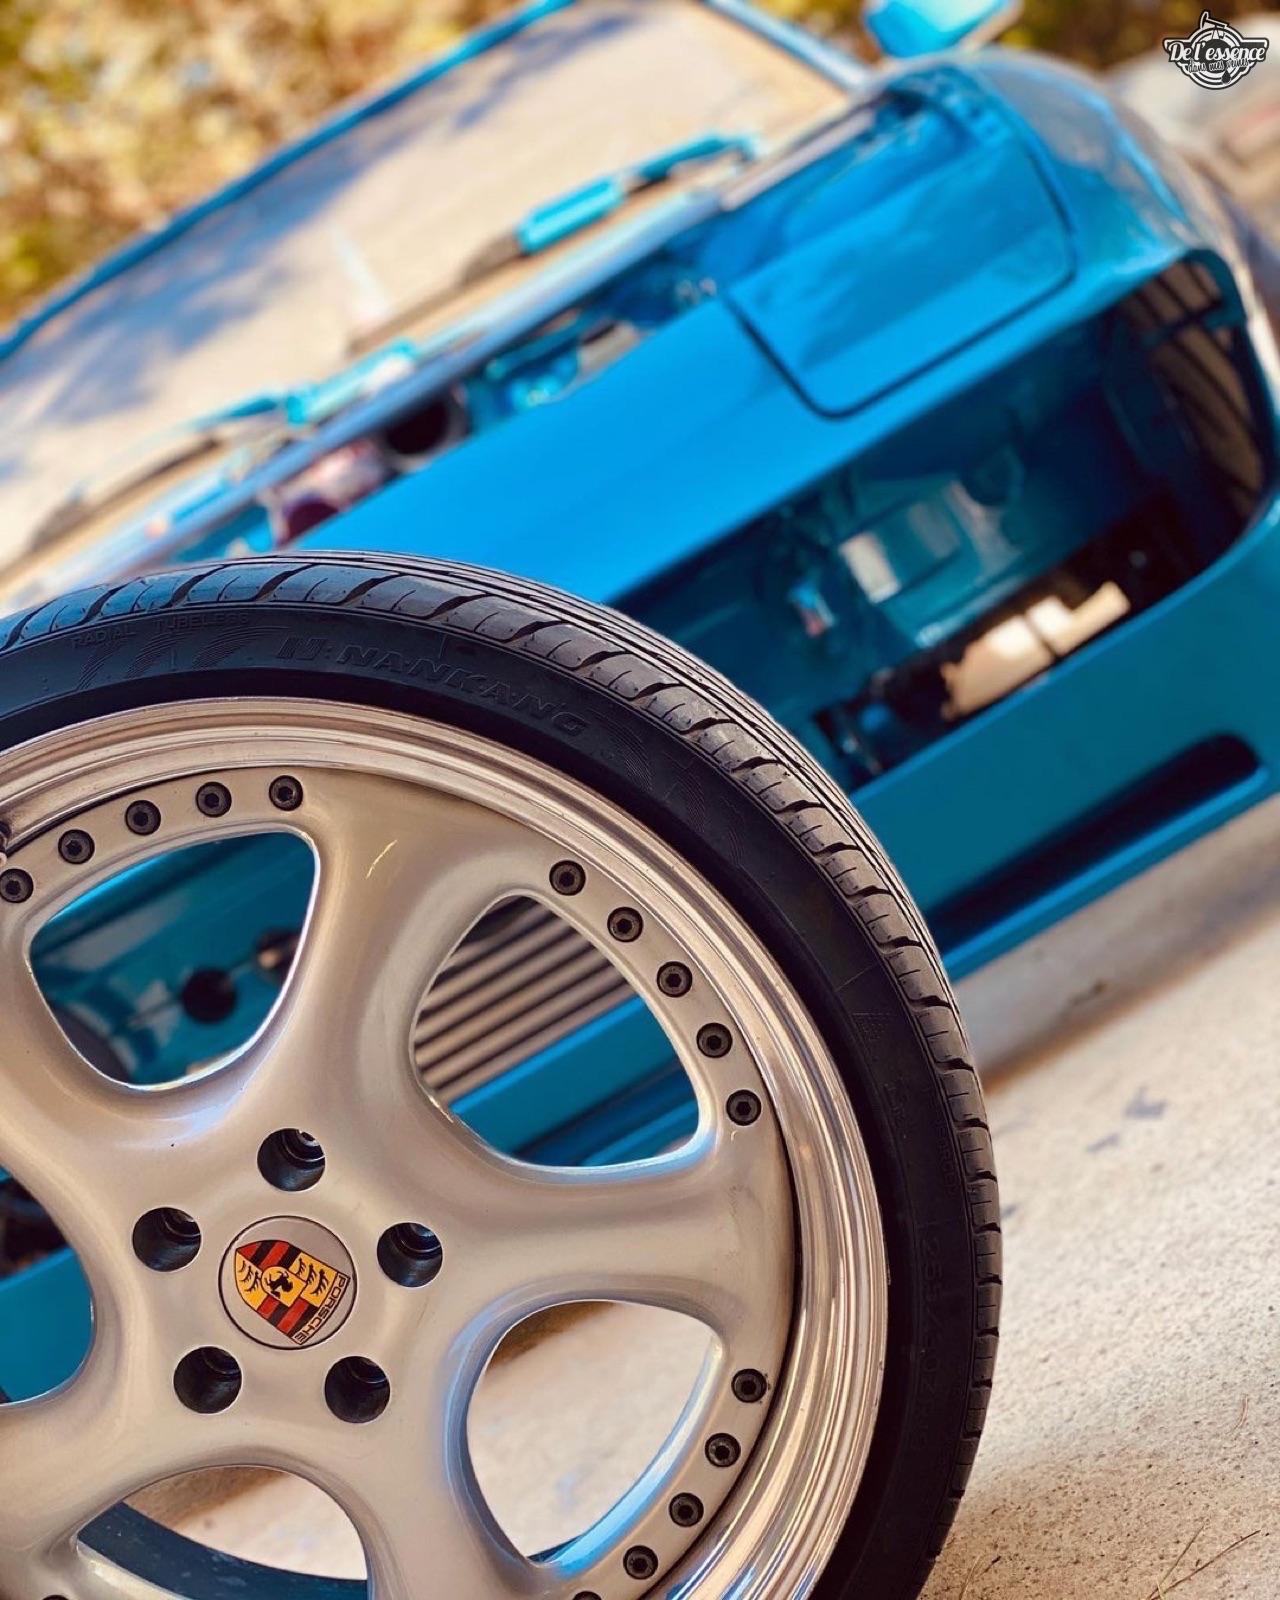 '79 Porsche 924 de Chris - De l'air et un turbo... 4